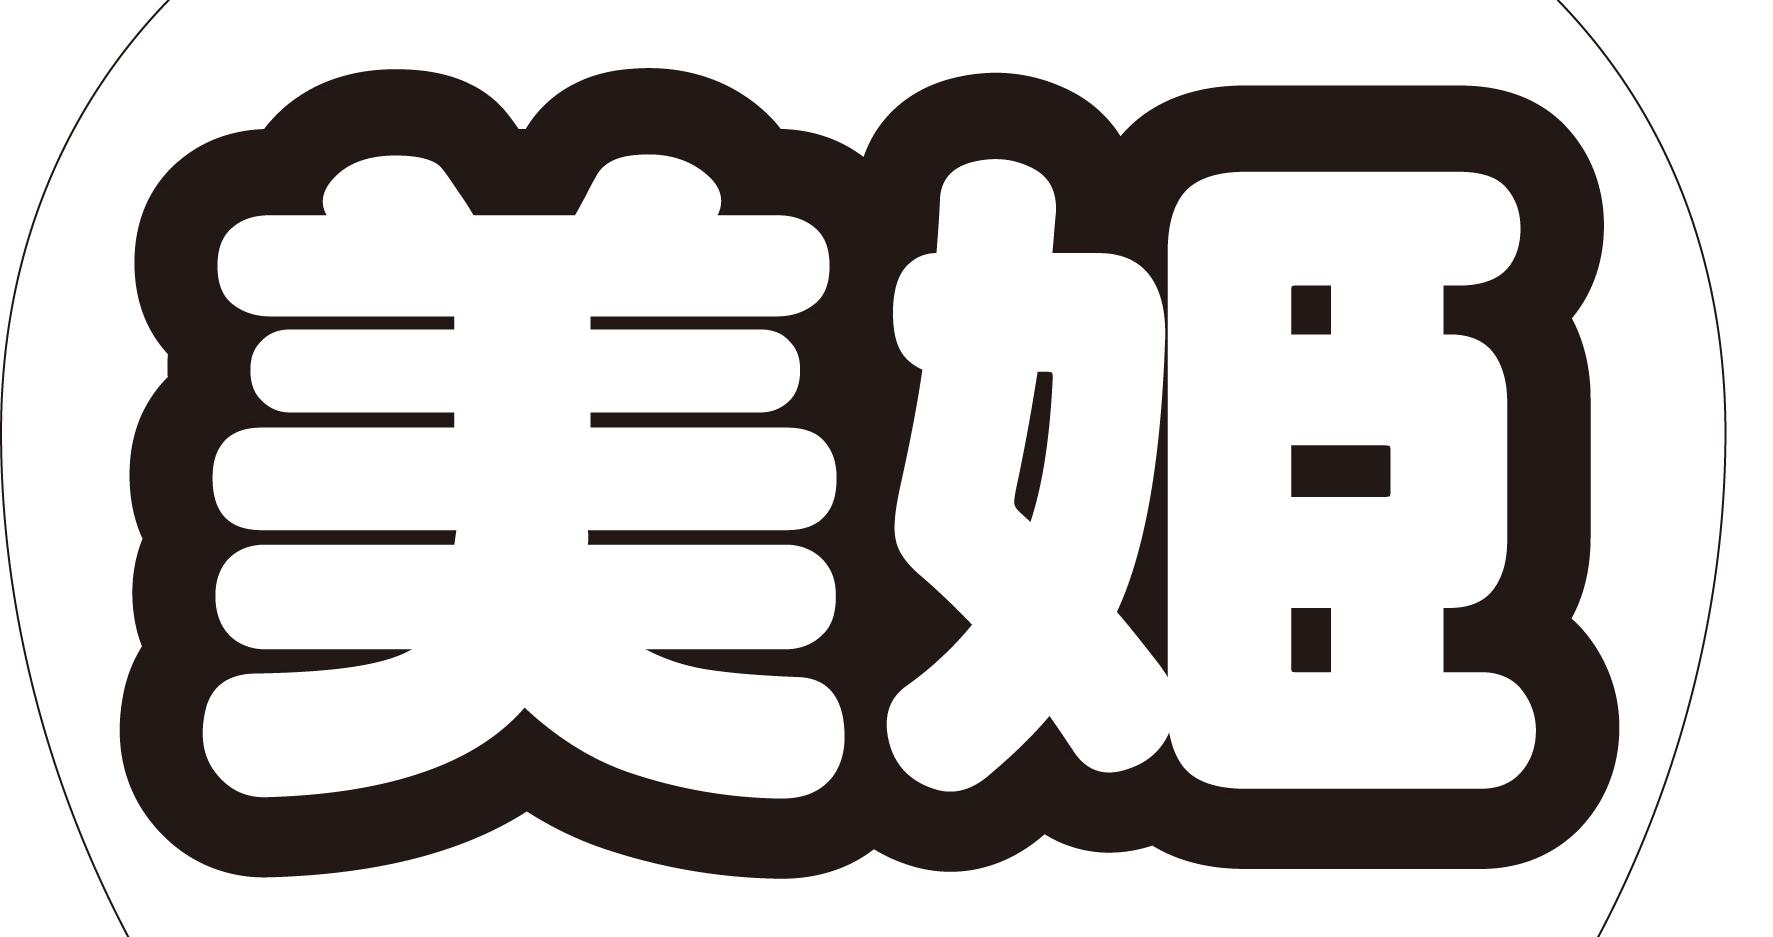 Ug4-1.jpg